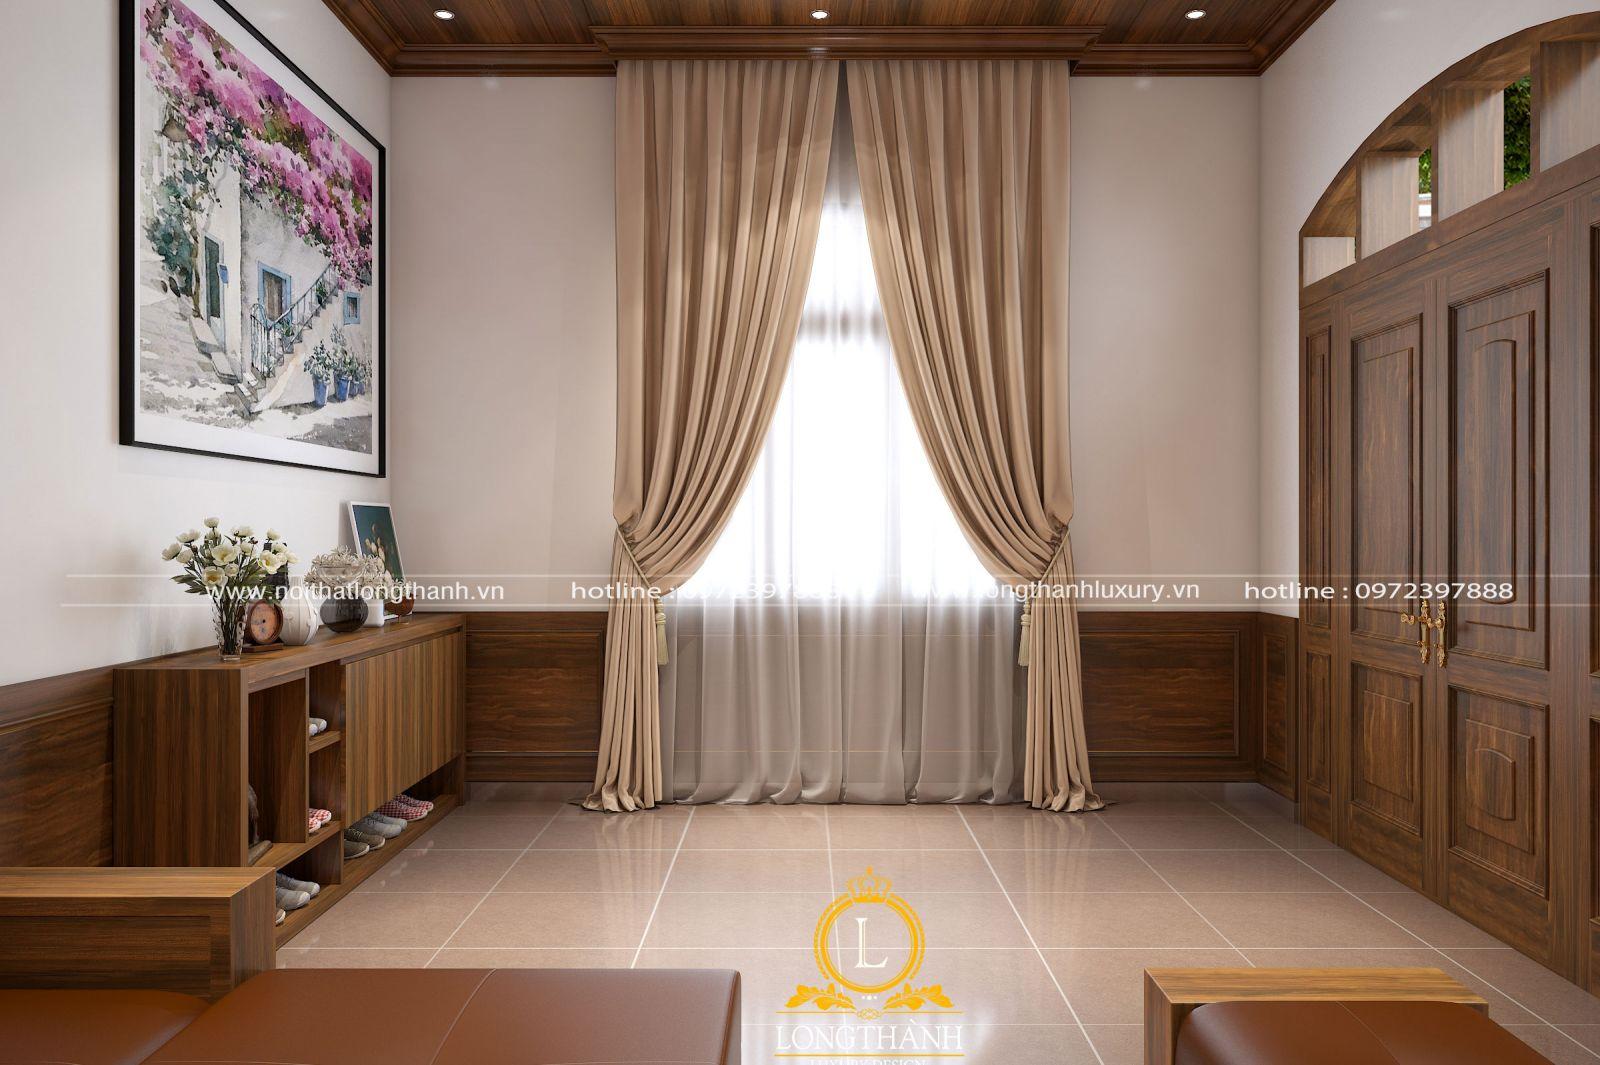 Phòng khách thông thoáng với hệ cửa kính tại sảnh đón nhiều ánh sáng tự nhiên